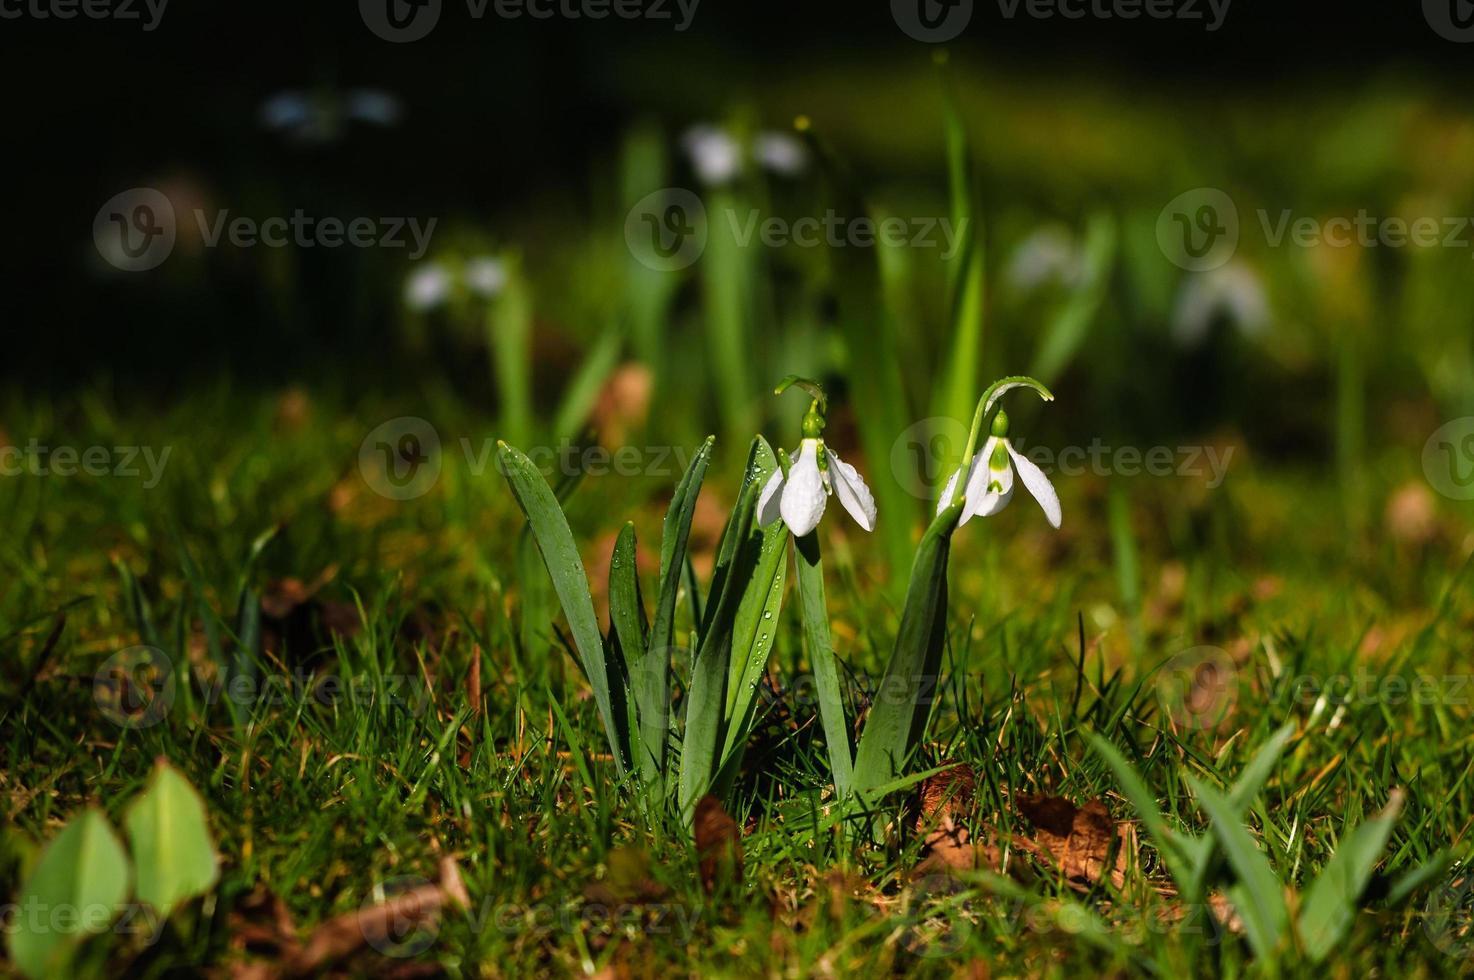 sneeuwklokje bloem in bloei foto